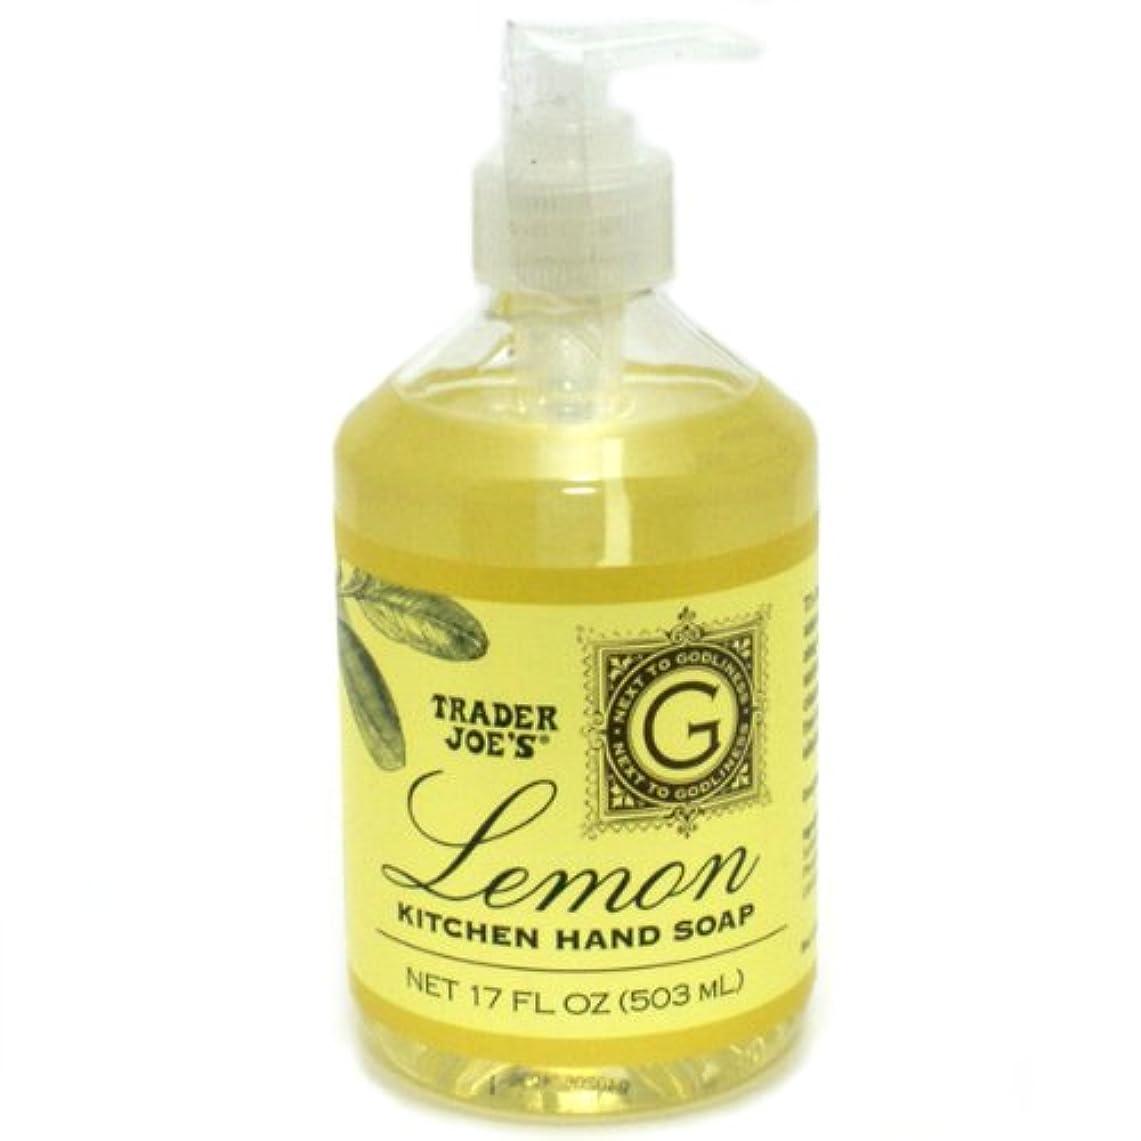 シットコムアクセント領収書Trader Joe's トレーダージョーズ KITCHEN HAND SOAP Lemon レモン キッチンハンドソープ [並行輸入品]